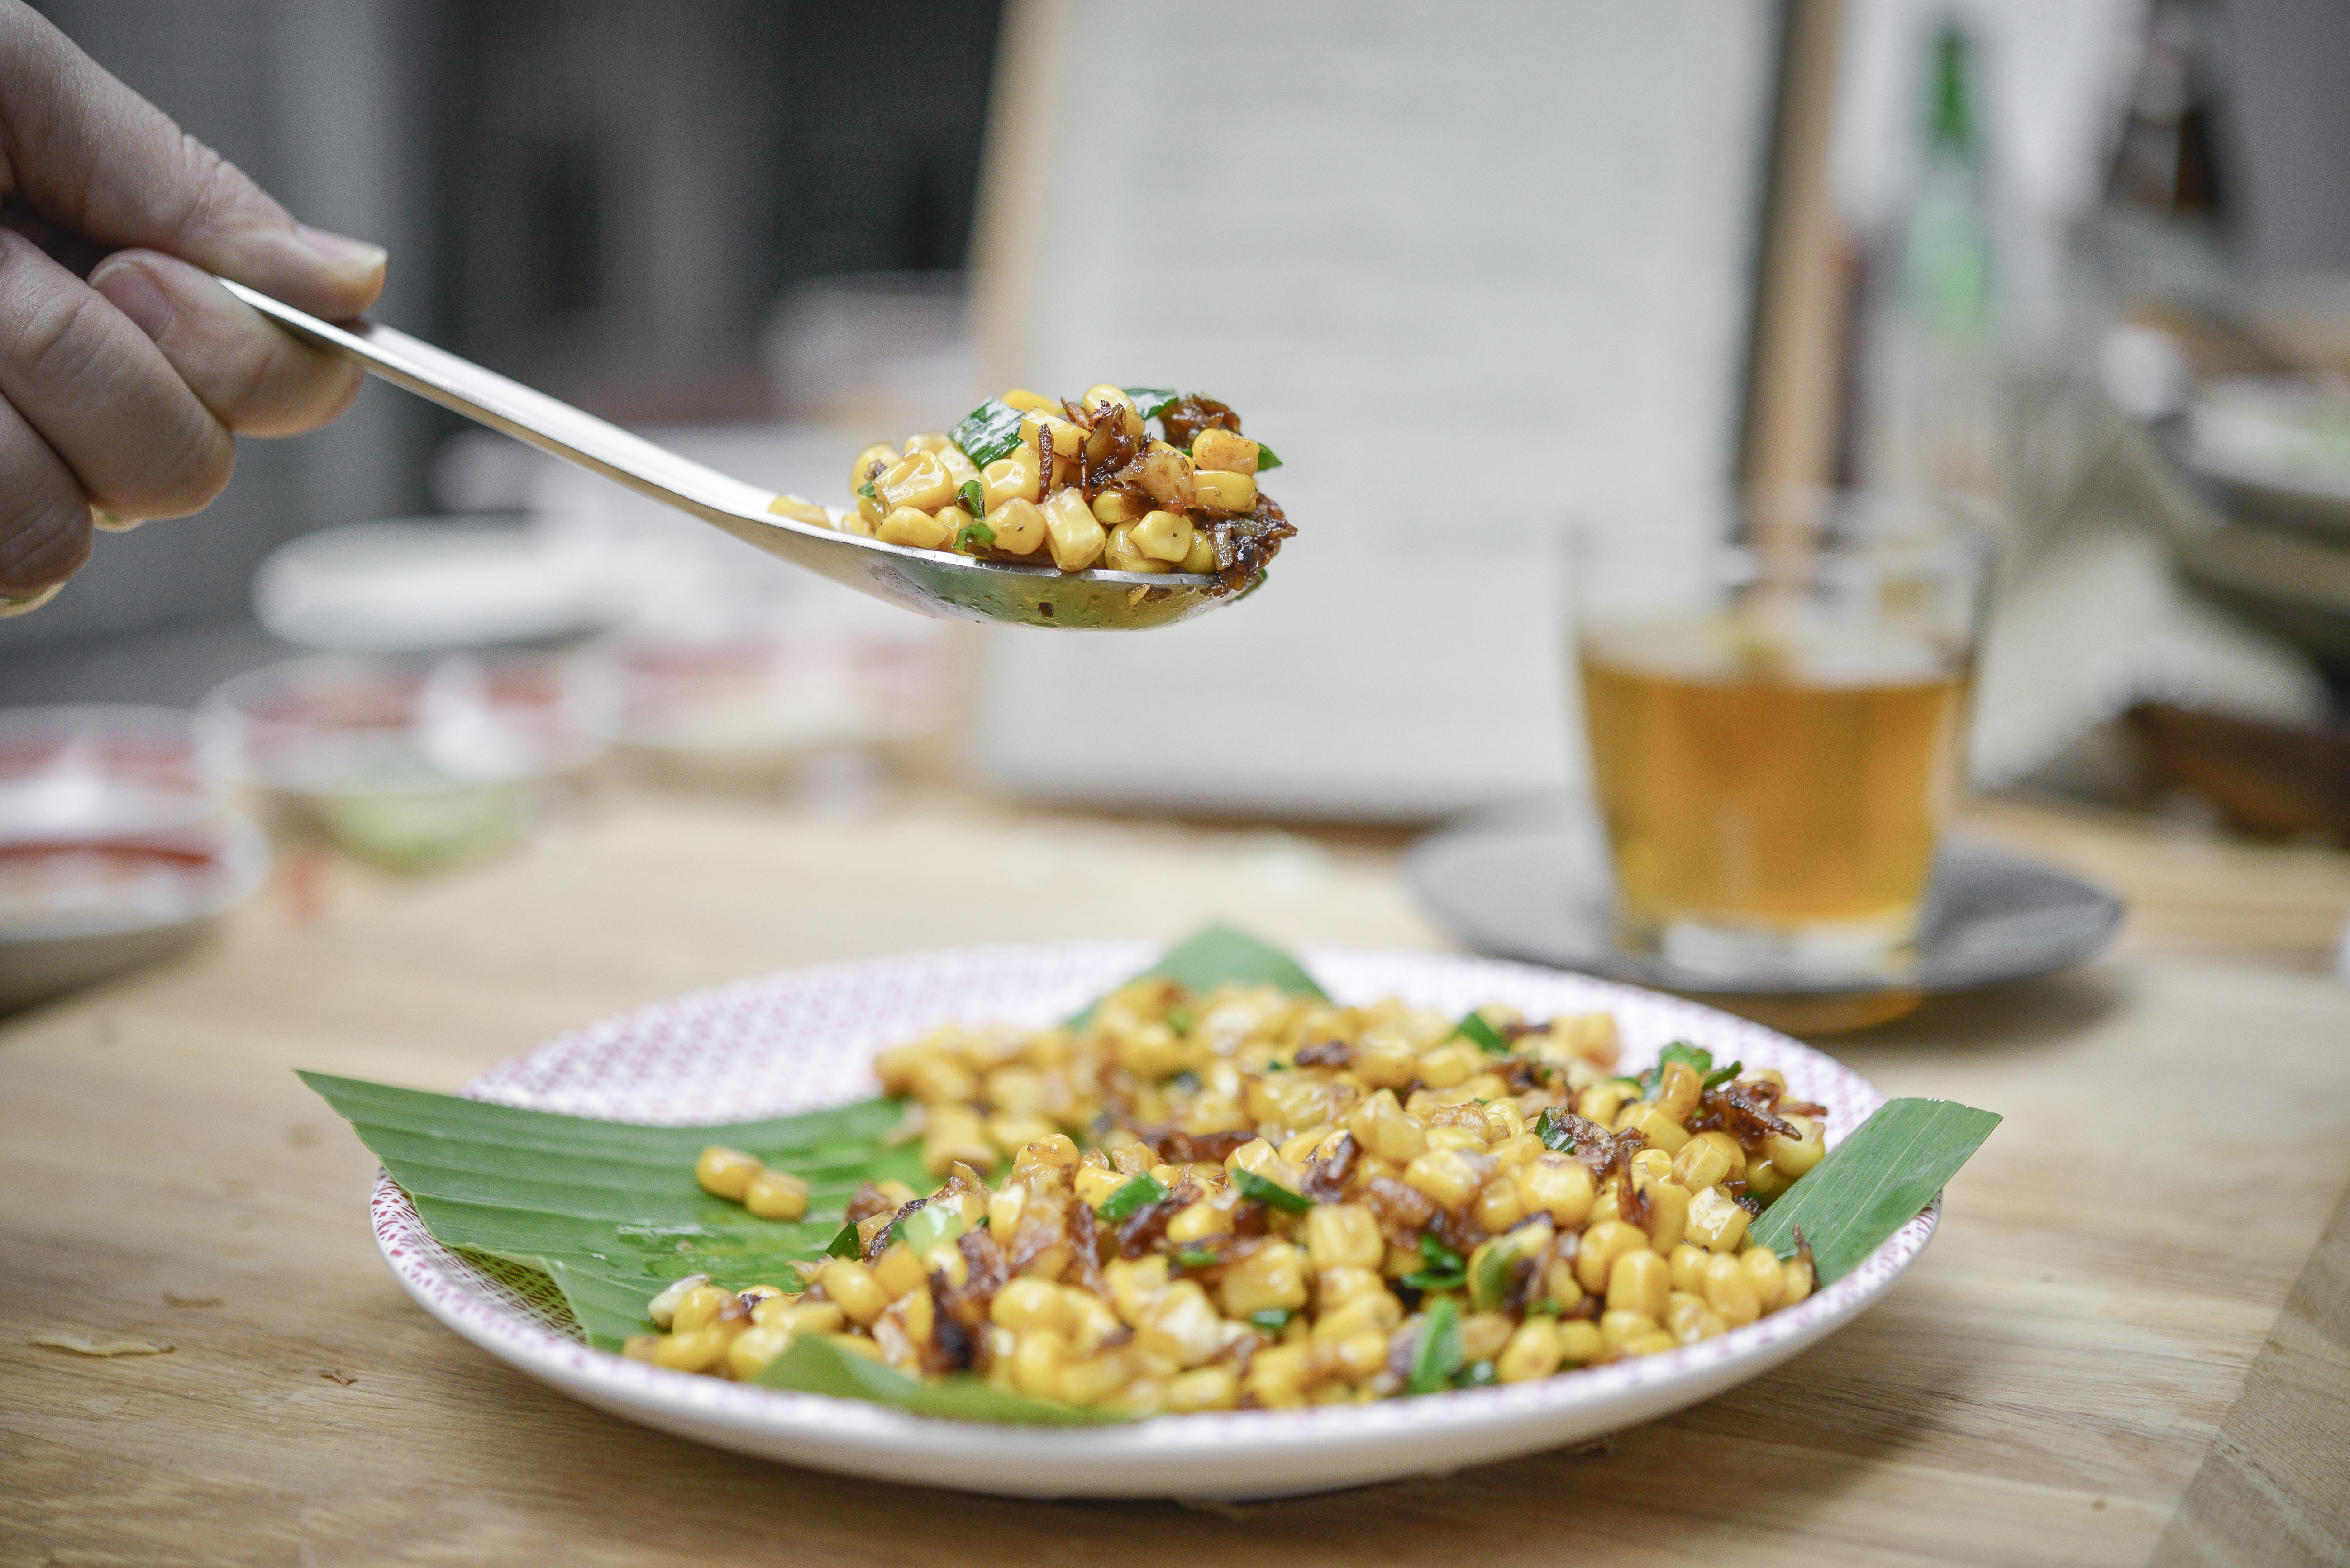 Bap Xao Tep - Delicious Corn